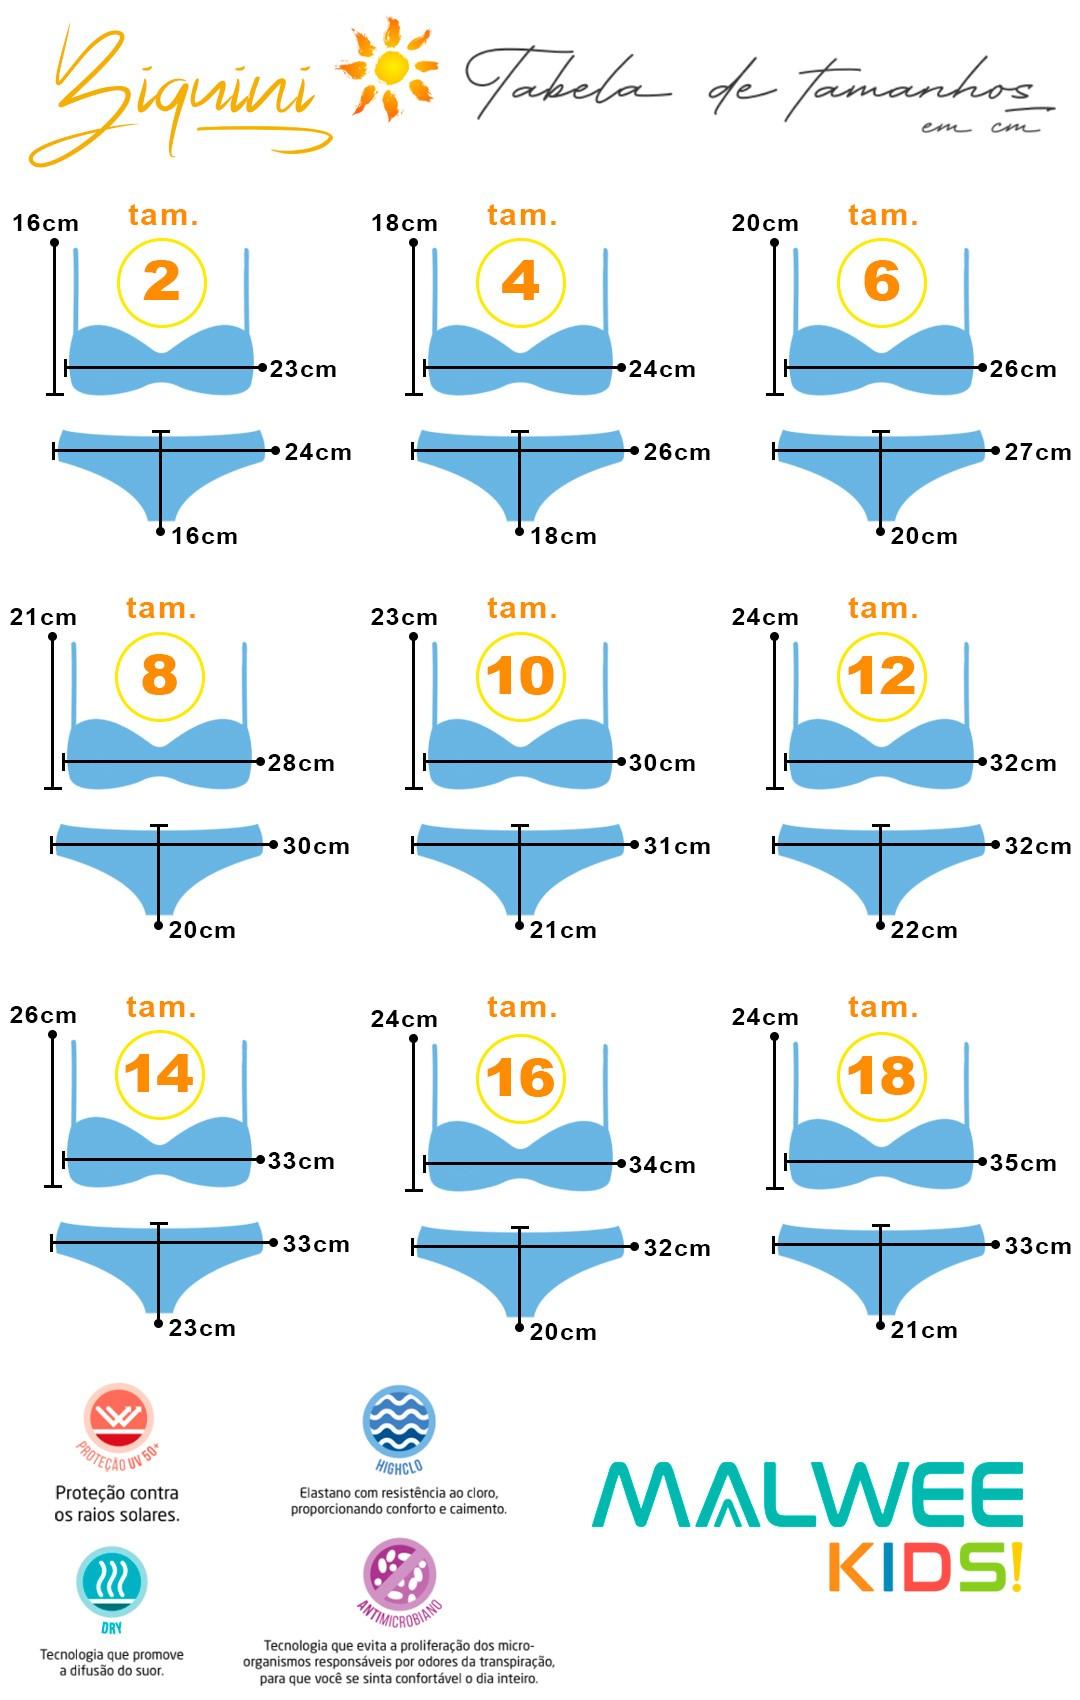 Biquini Infantil Proteção UV 50+ Rosa Tucano - Malwee: Tabela de medidas